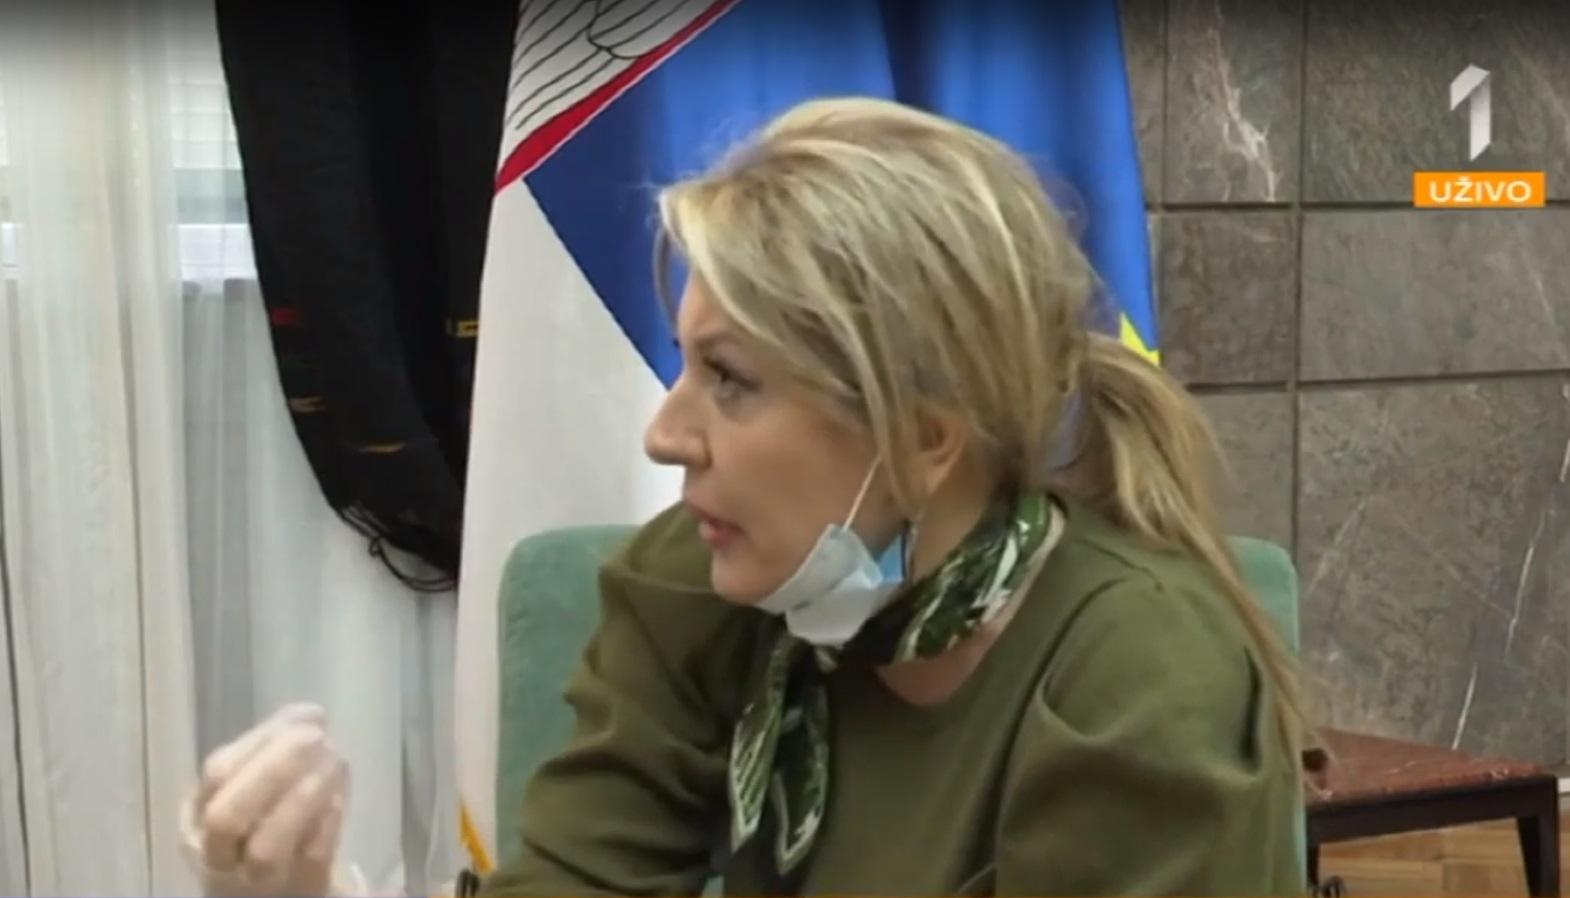 Ј. Јоксимовић: Од новца ЕУ, Србија до сада купила 75 респиратора